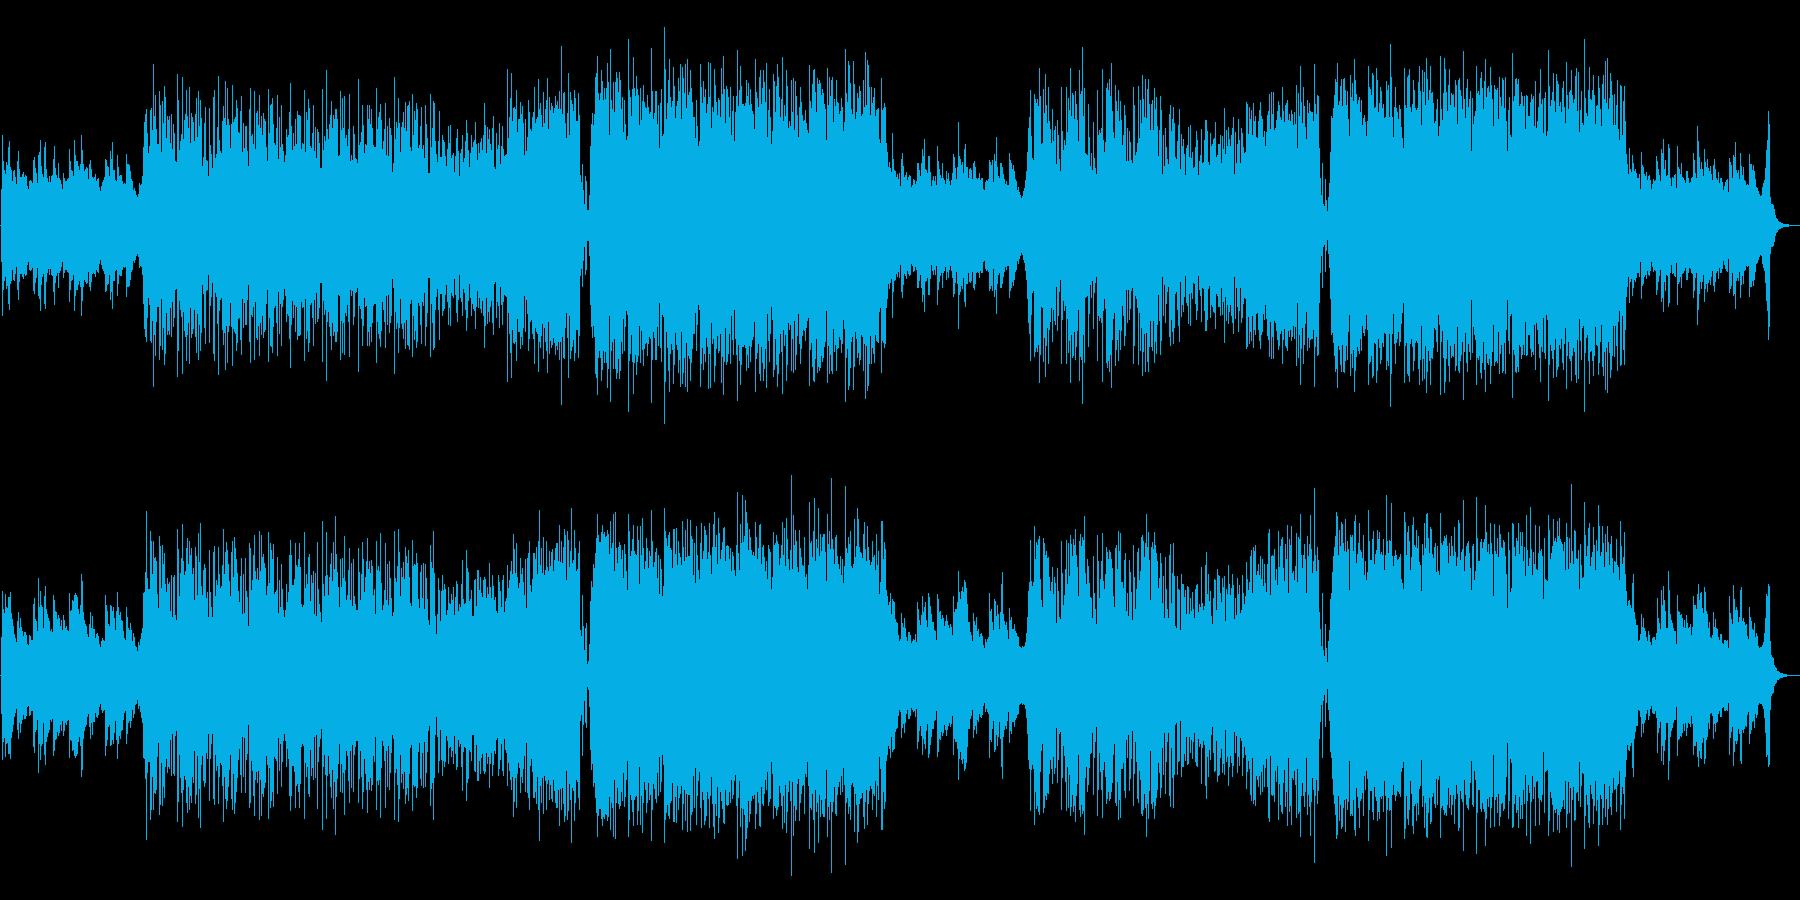 哀愁のある生演奏バイオリン・ハウスの再生済みの波形